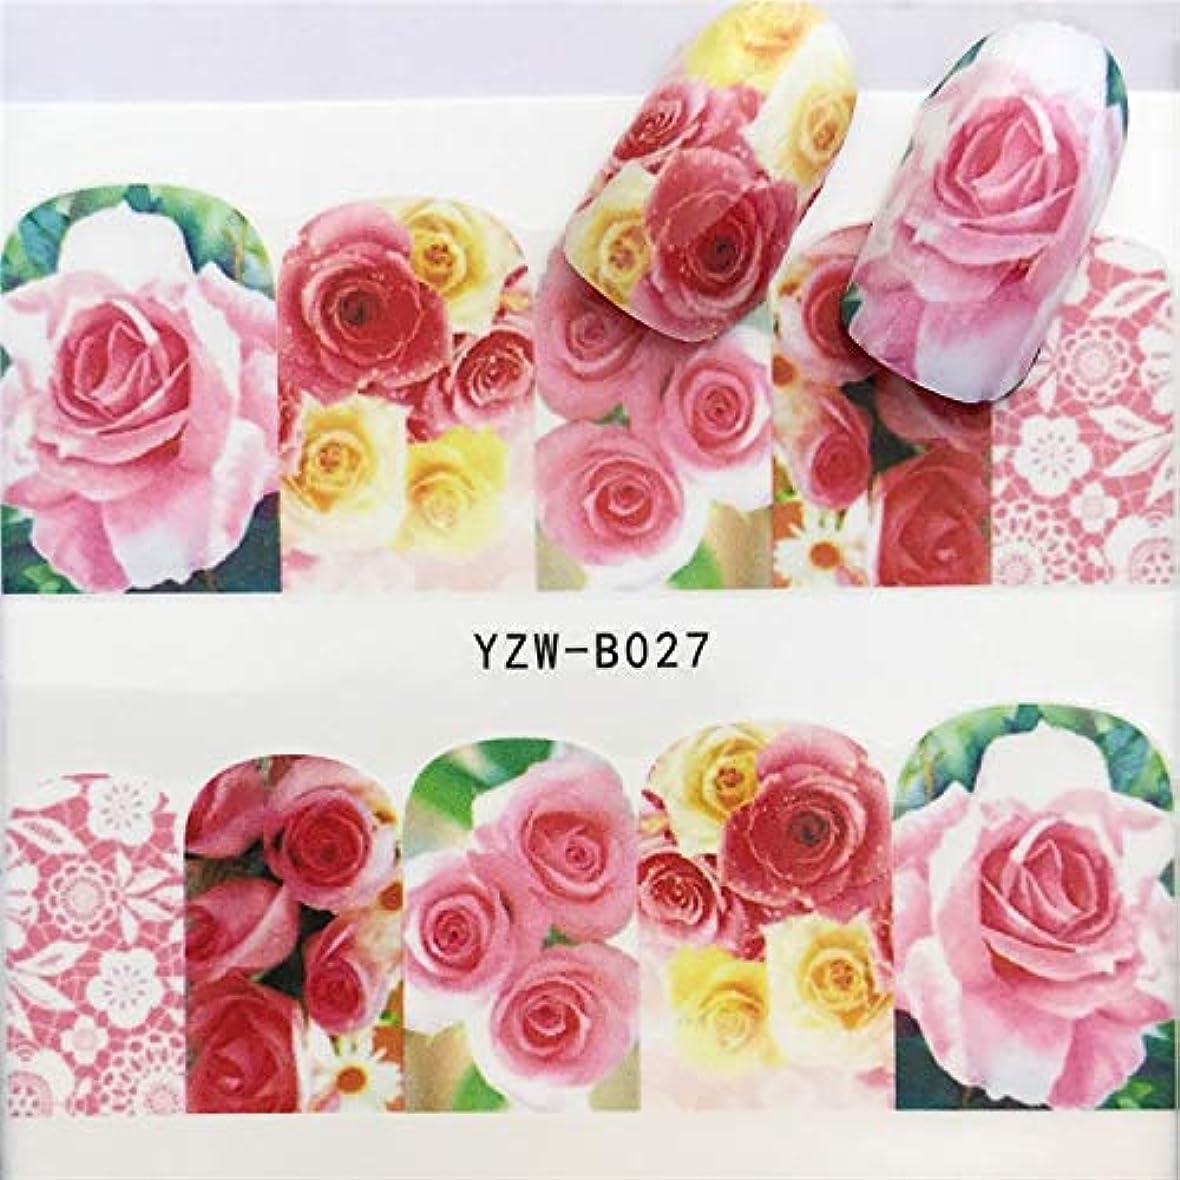 検閲ペッカディロジャニスビューティー&パーソナルケア 3個ネイルステッカーセットデカール水転写スライダーネイルアートデコレーション、色:YZWB027 ステッカー&デカール